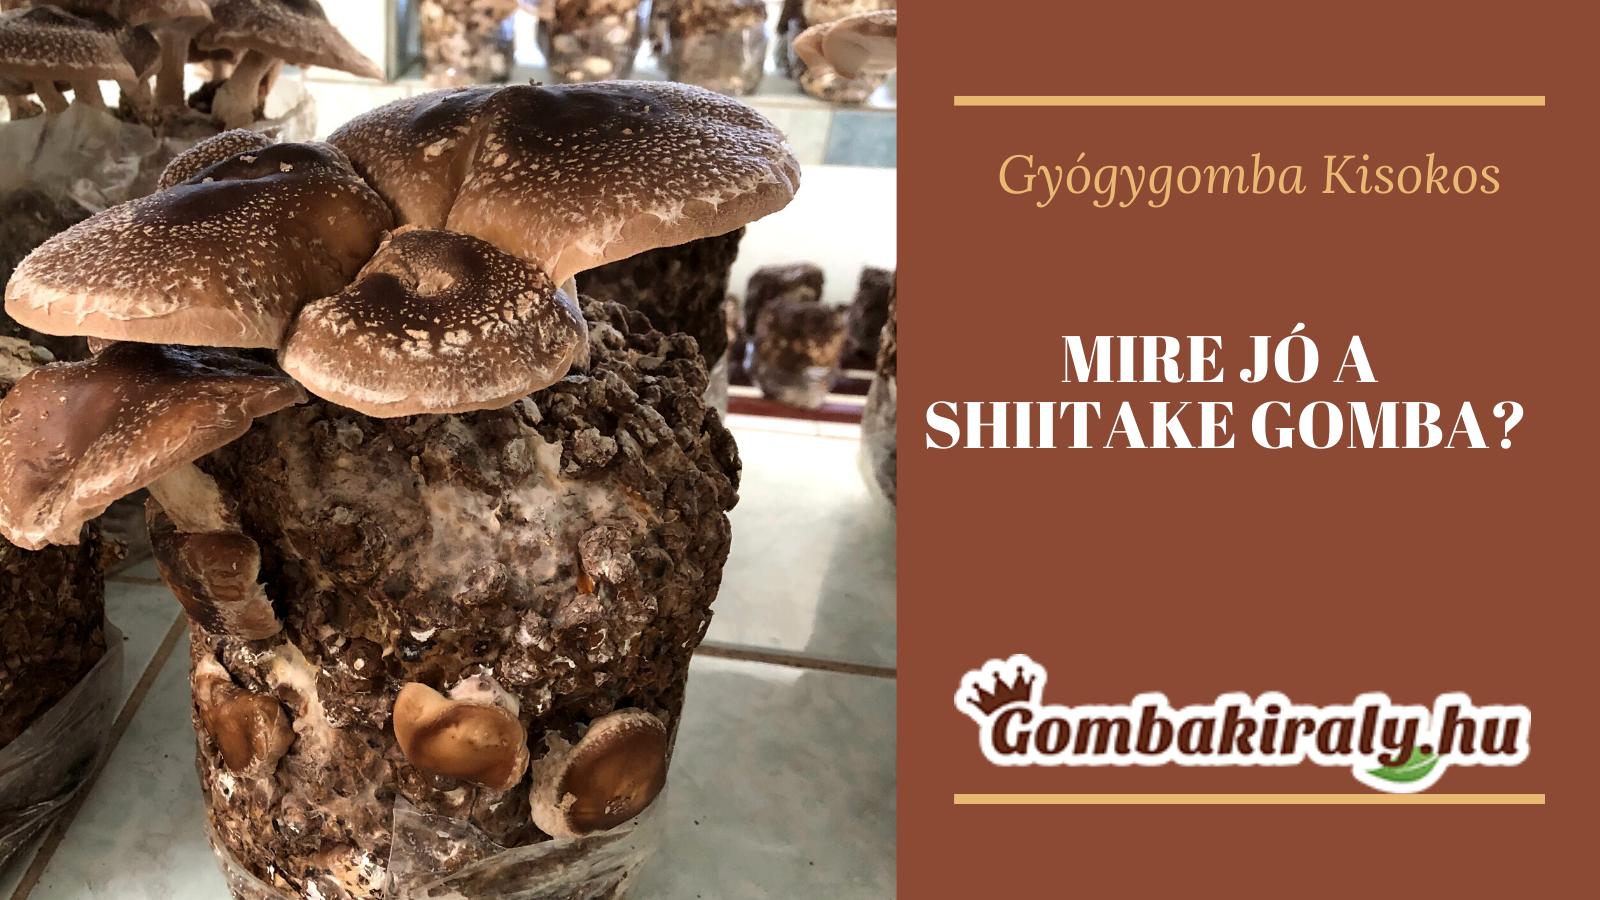 Mire jó a Shiitake?